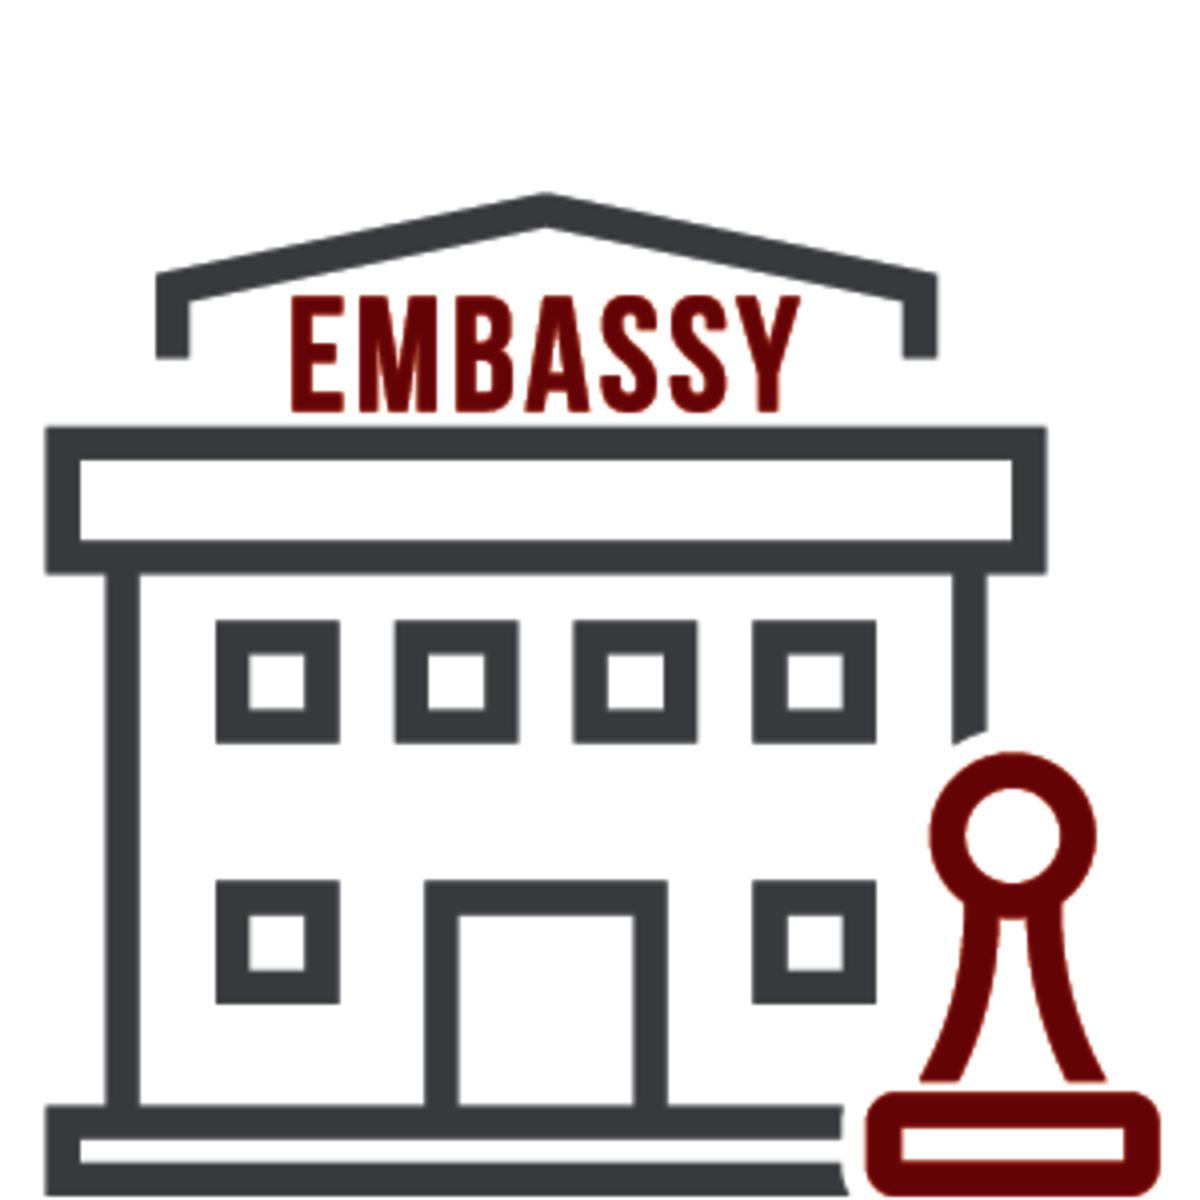 LT Lawtank - Beglaubigte Übersetzung - Botschaft/Konsulat